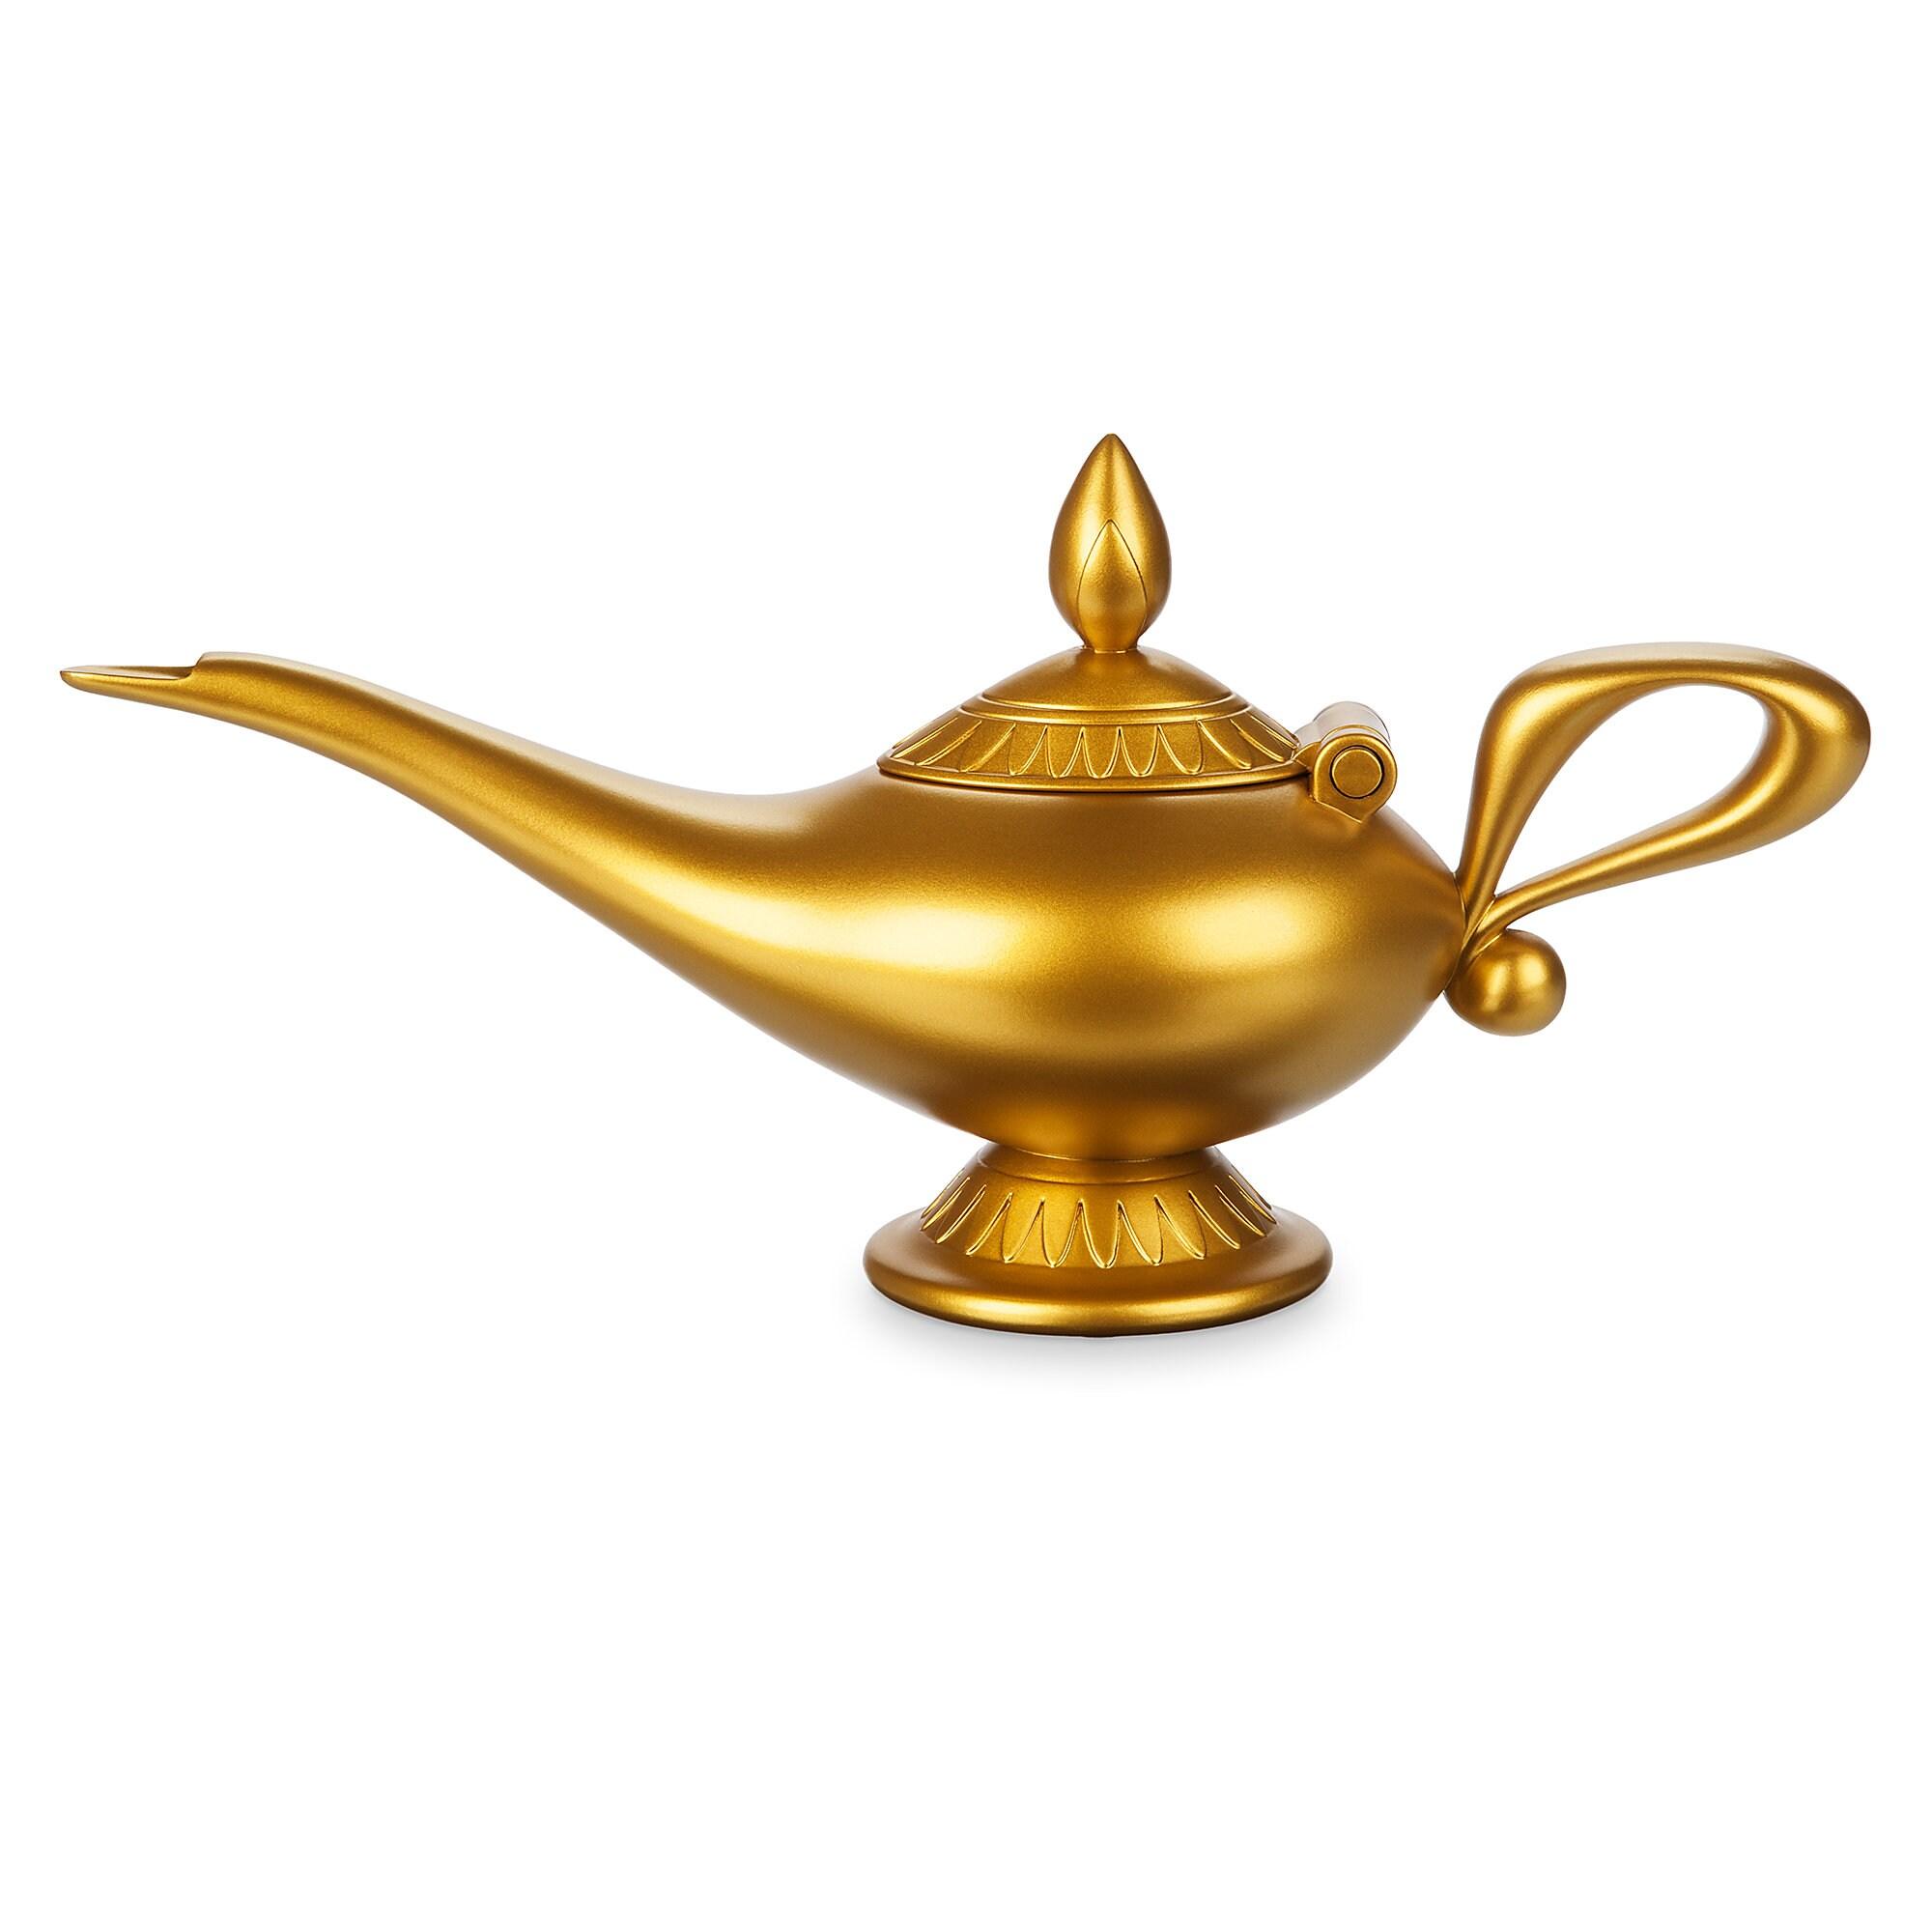 Genie Lamp Replica - Aladdin